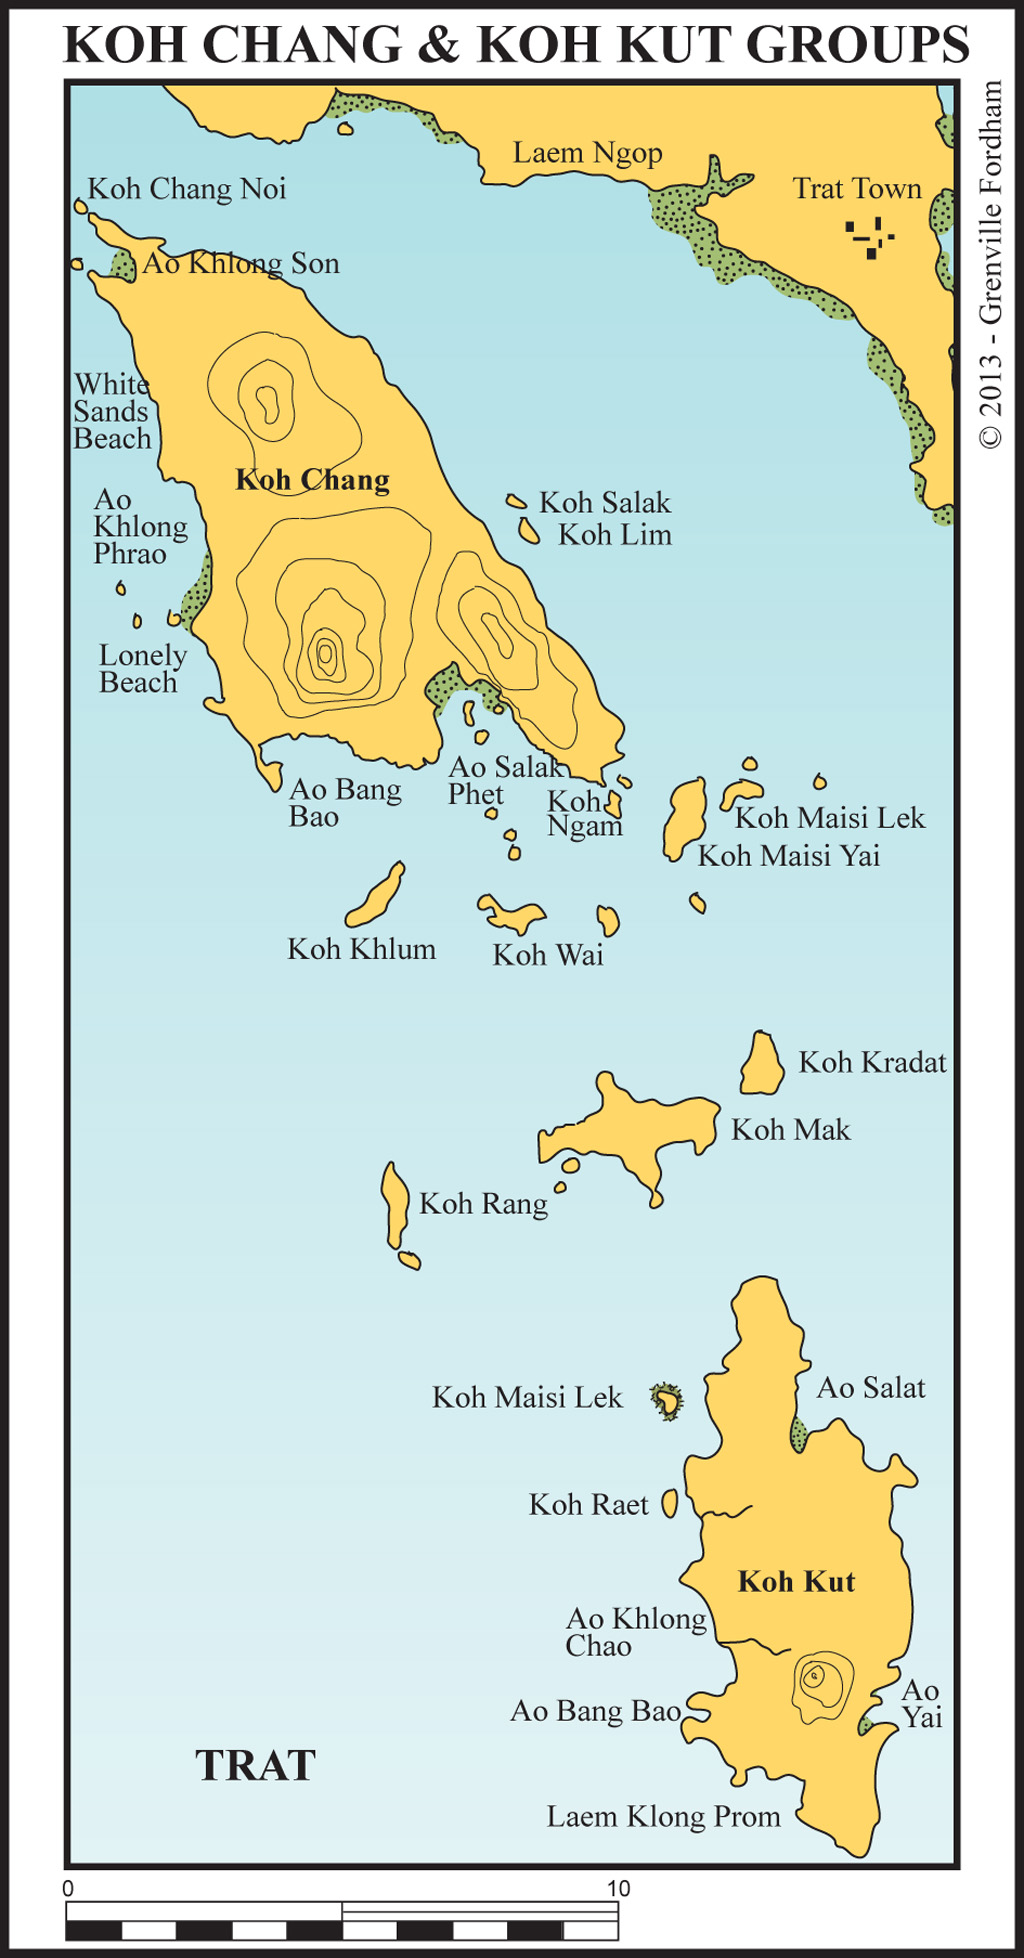 Koh Chang & Koh Kut Groups